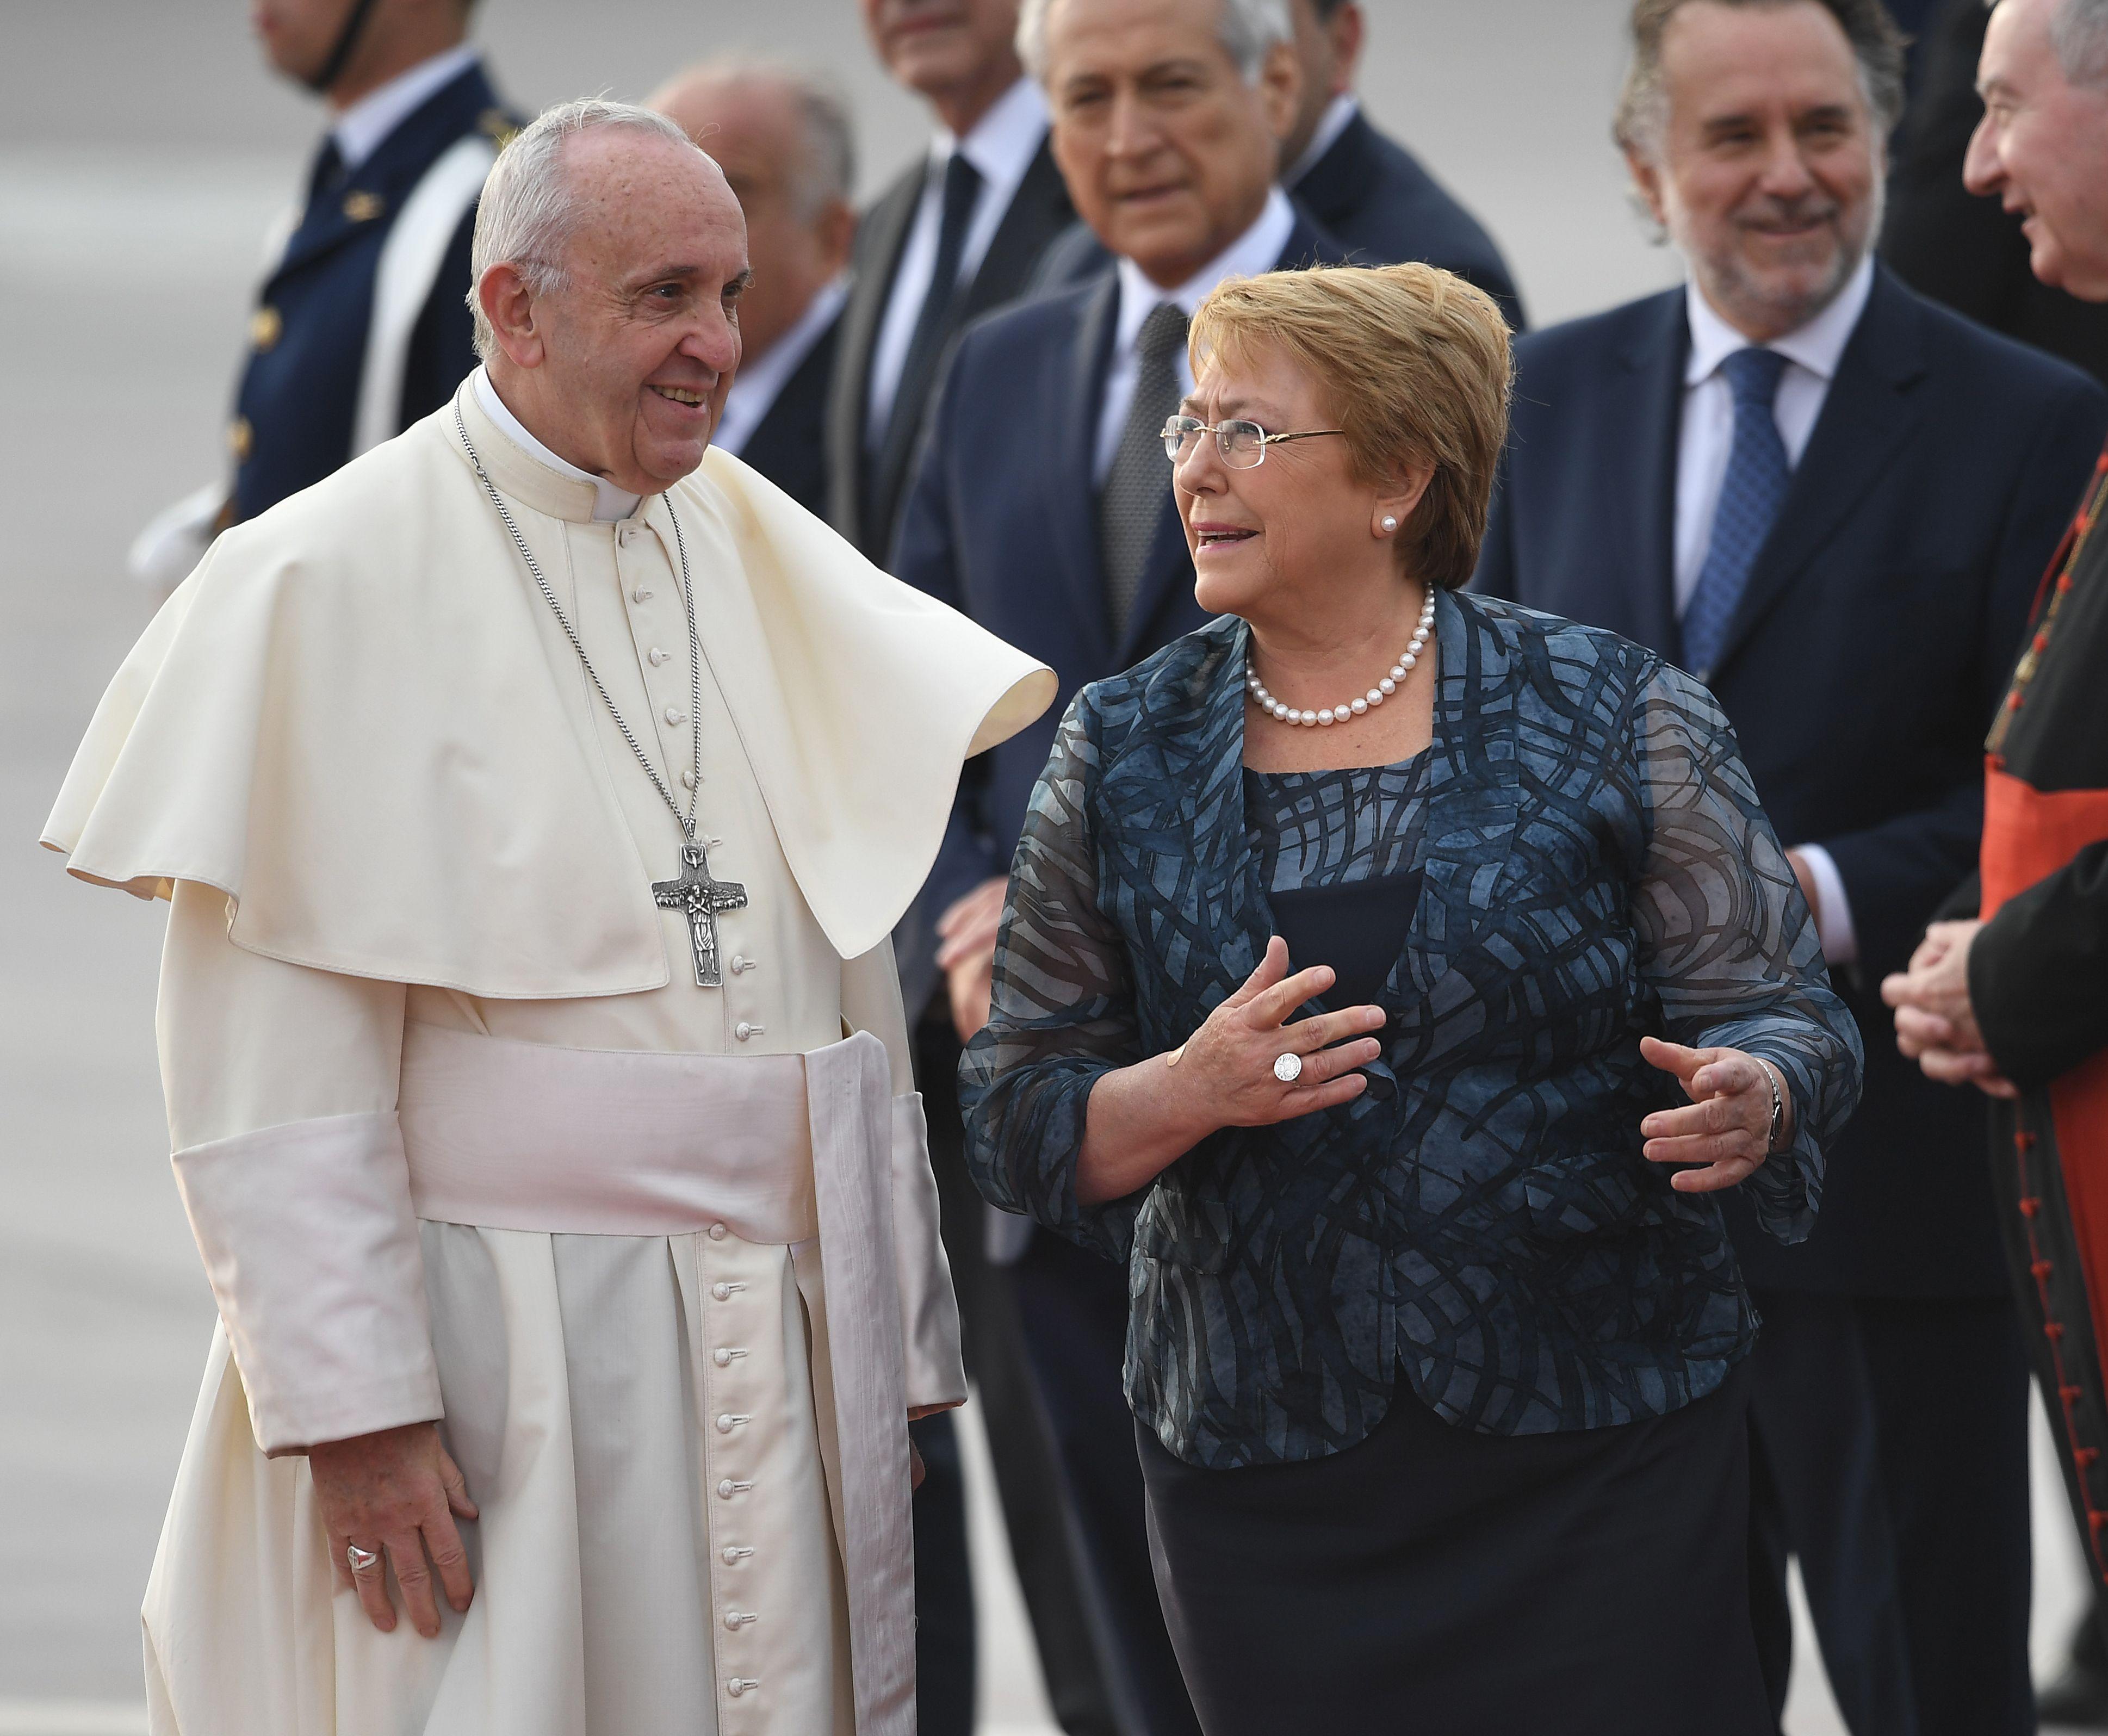 La presidenta chilena Michelle Bachelet recibe al papa Francisco en el aeropuerto Arturo Merino Benítez en Santiago.